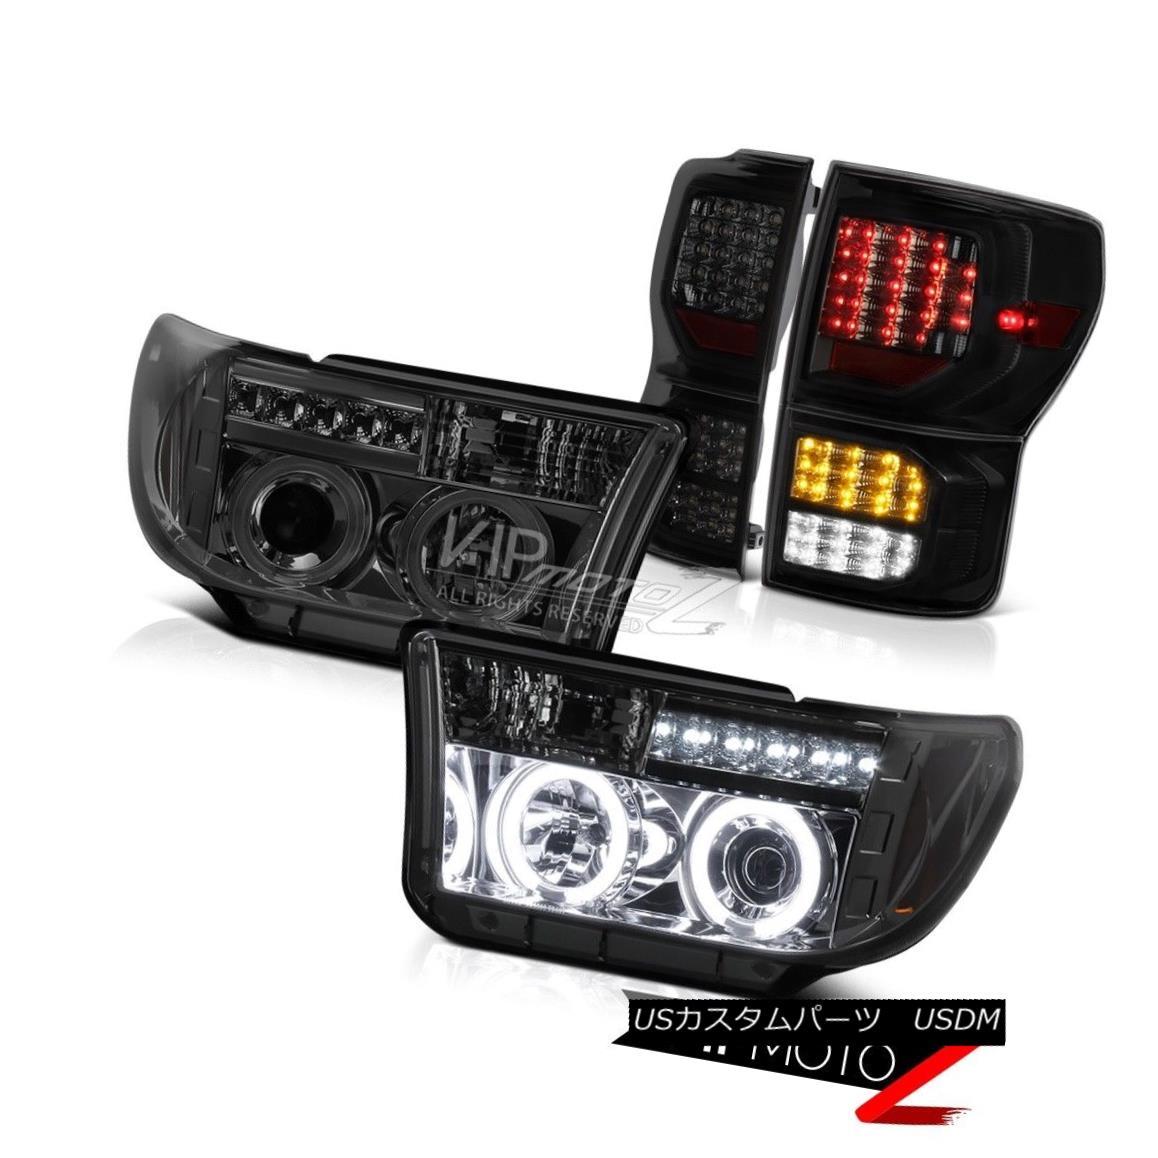 テールライト 2007-2013 Toyota Tundra SR5 Tail Lights Projector Headlights 2X CCFL Halo Newest 2007-2013 Toyota Tundra SR5テールライトプロジェクターヘッドライト2X CCFL Halo Newest